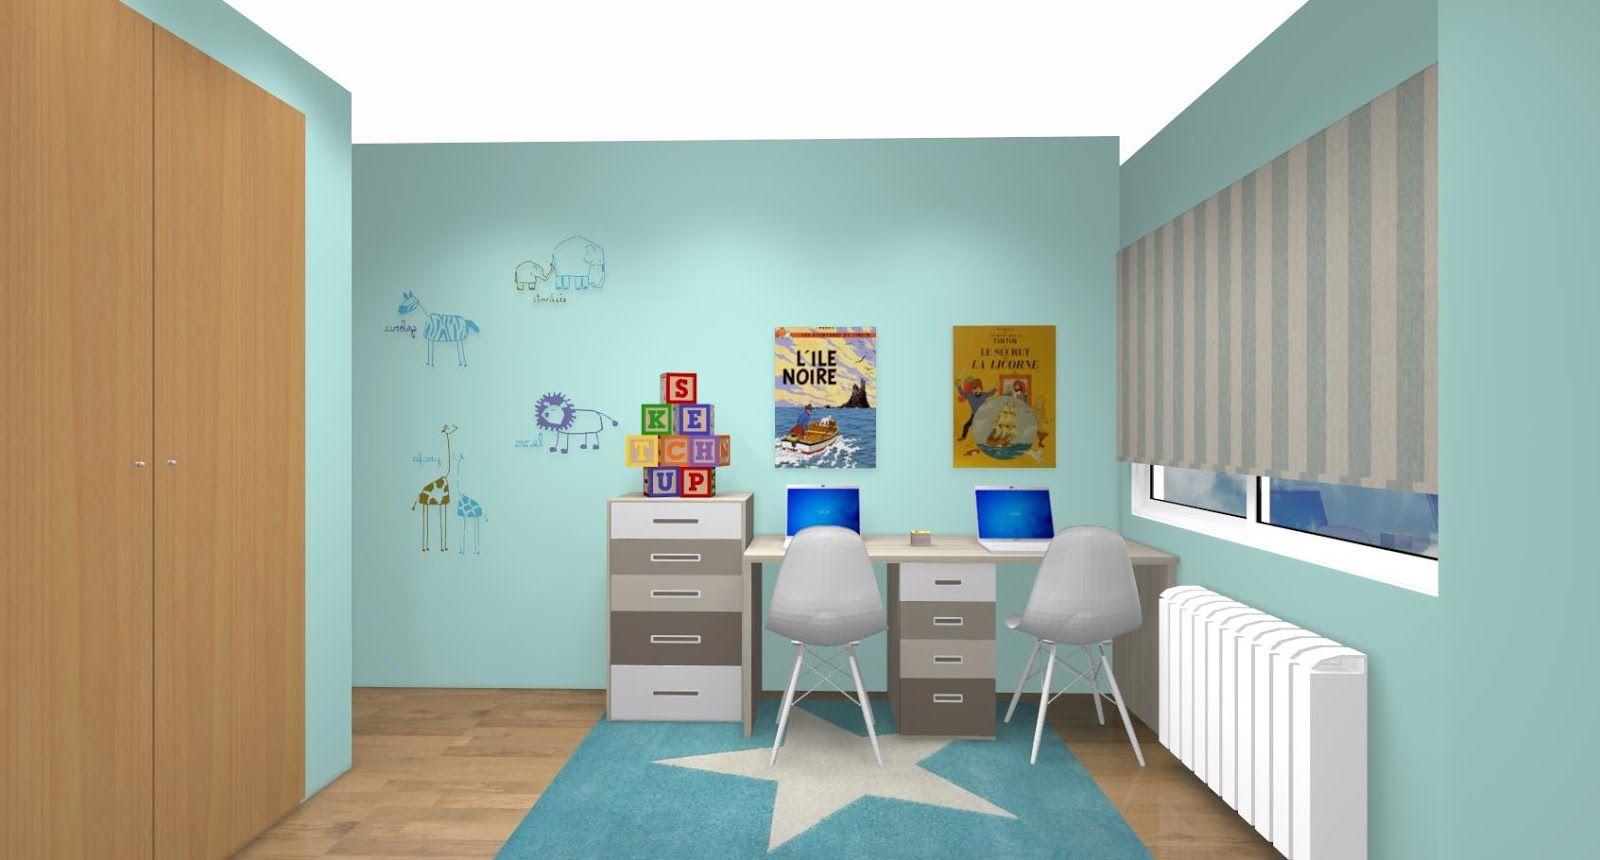 Dormitorios juveniles en madrid simple hermosa for Muebles dormitorio madrid